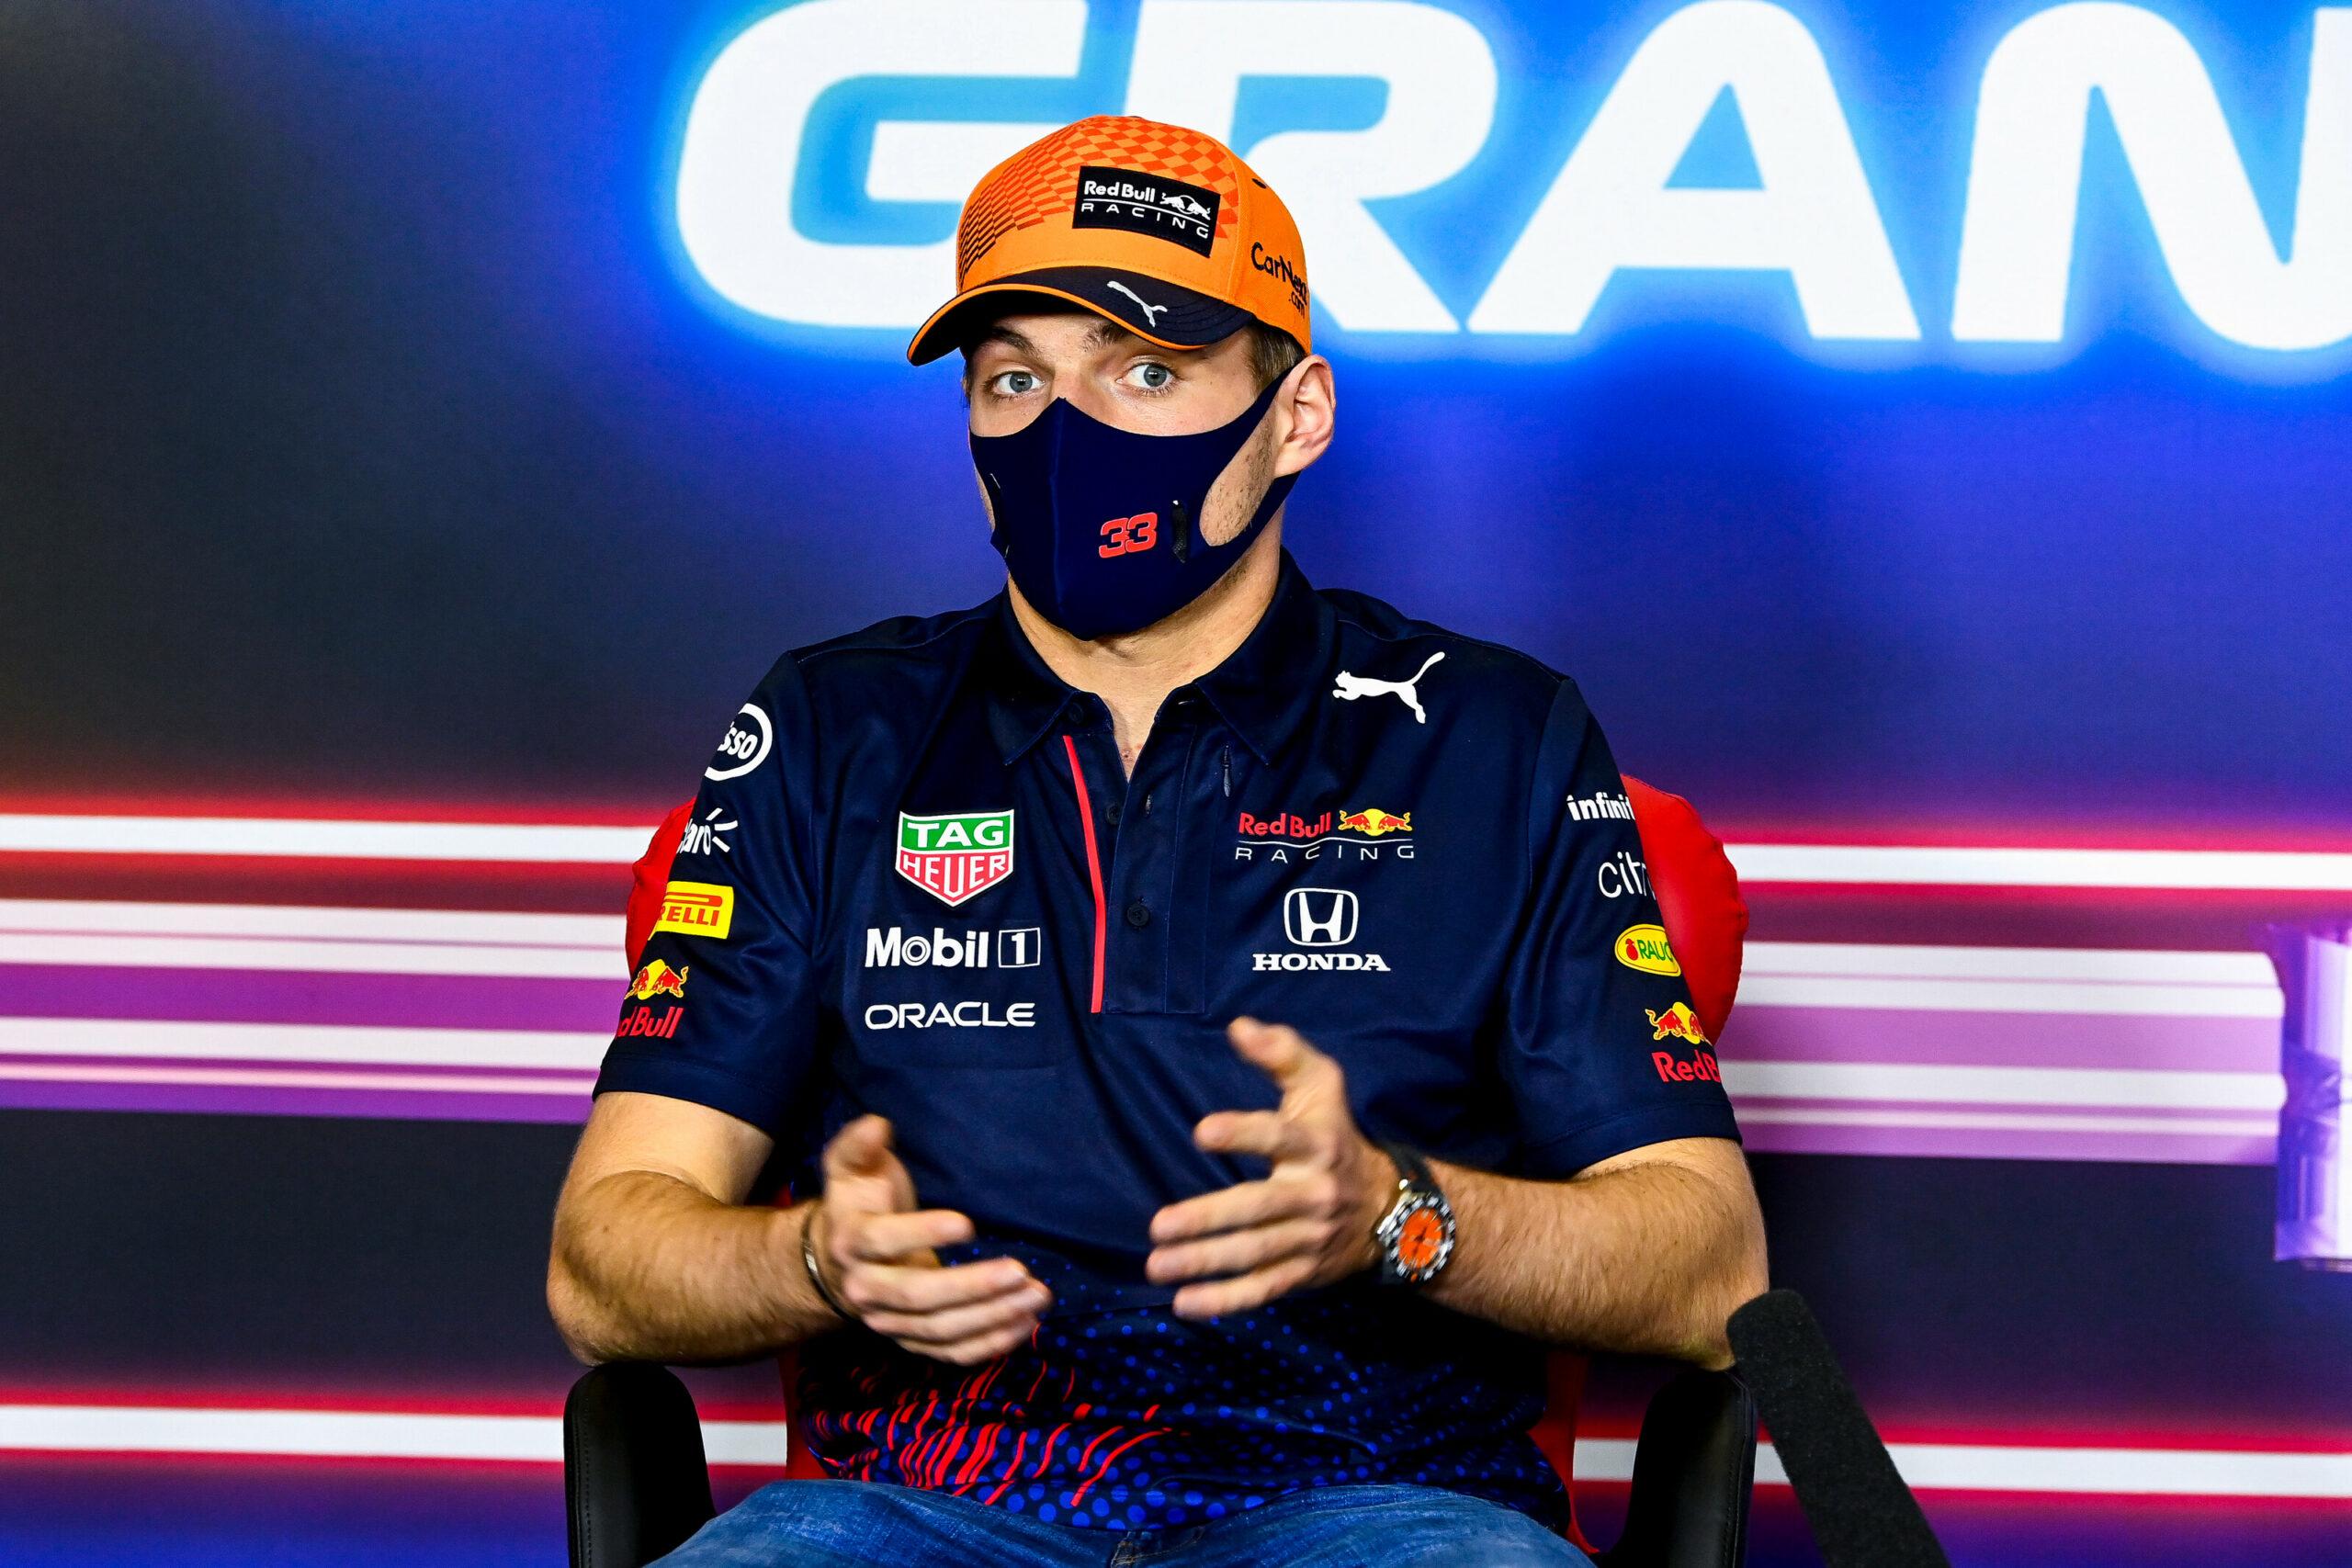 F1 - Limites de piste : Verstappen ne changera pas son approche